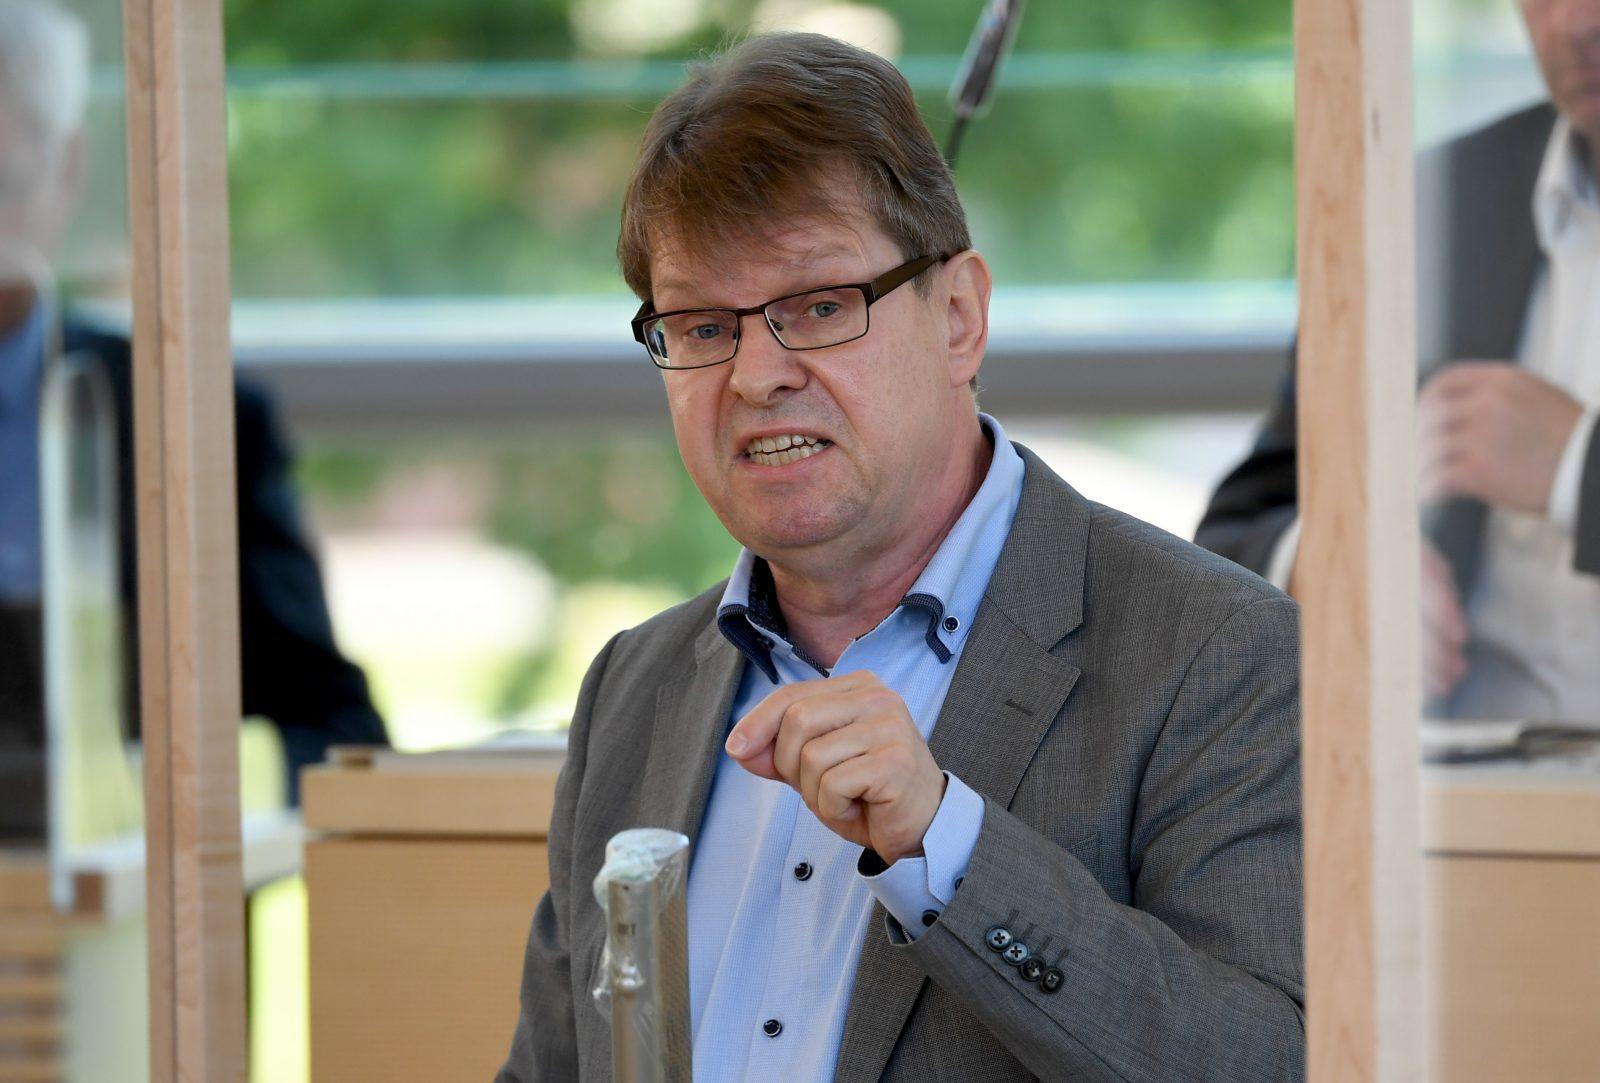 Ralf Stegner (SPD) bringt eine Haftstrafe für den Fleischunternehmer Clemens Tönnies ins Gespräch Foto: picture alliance/Carsten Rehder/dpa